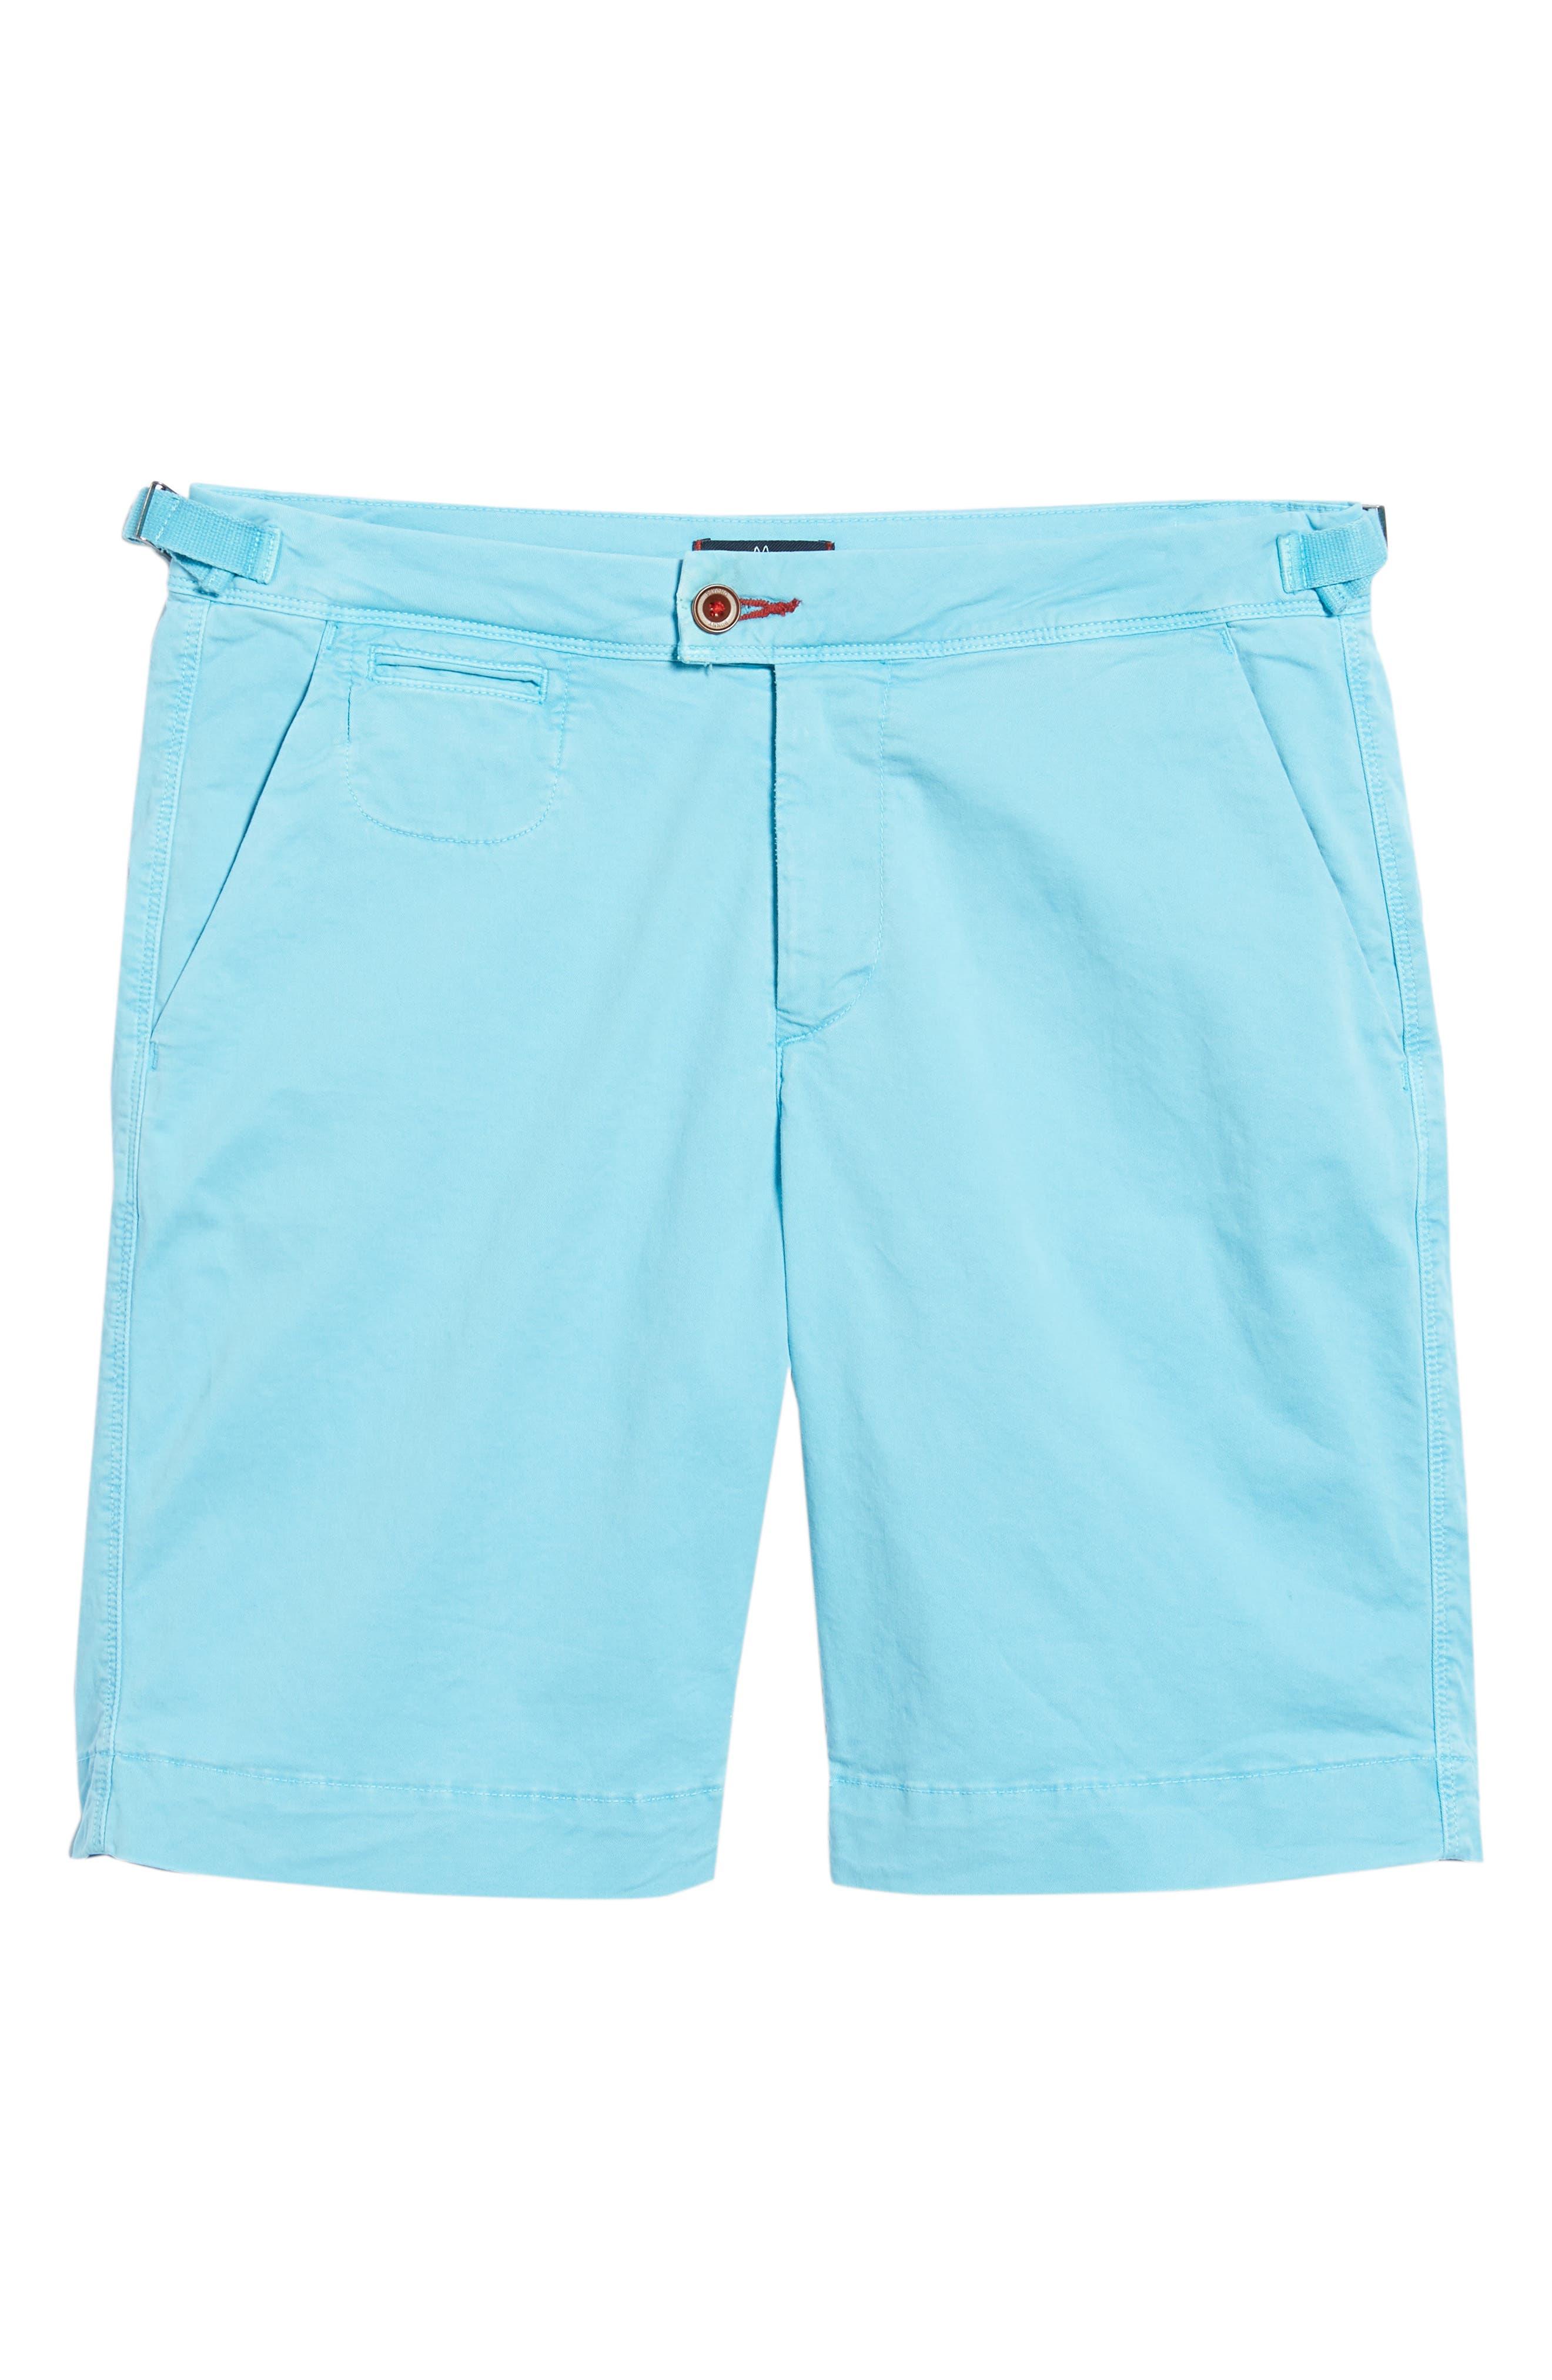 Triumph Shorts,                             Alternate thumbnail 74, color,